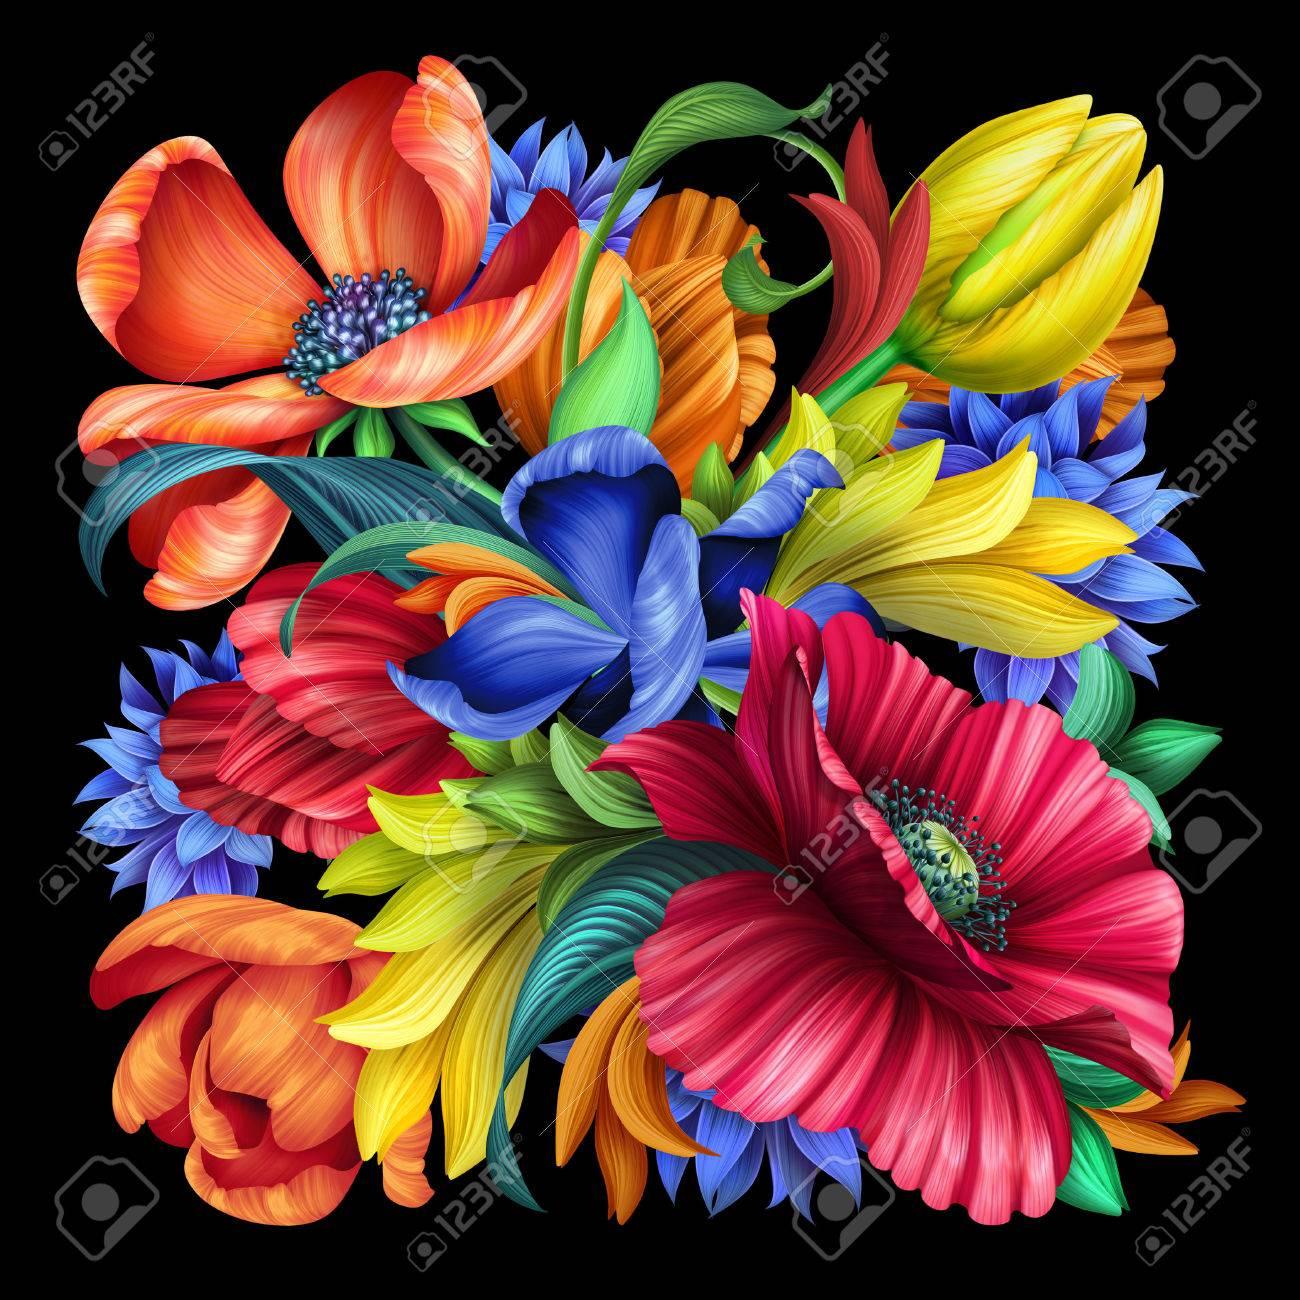 Ilustracion Botanica Adornos Florales Populares Ramo De Flores De - Adornos-florales